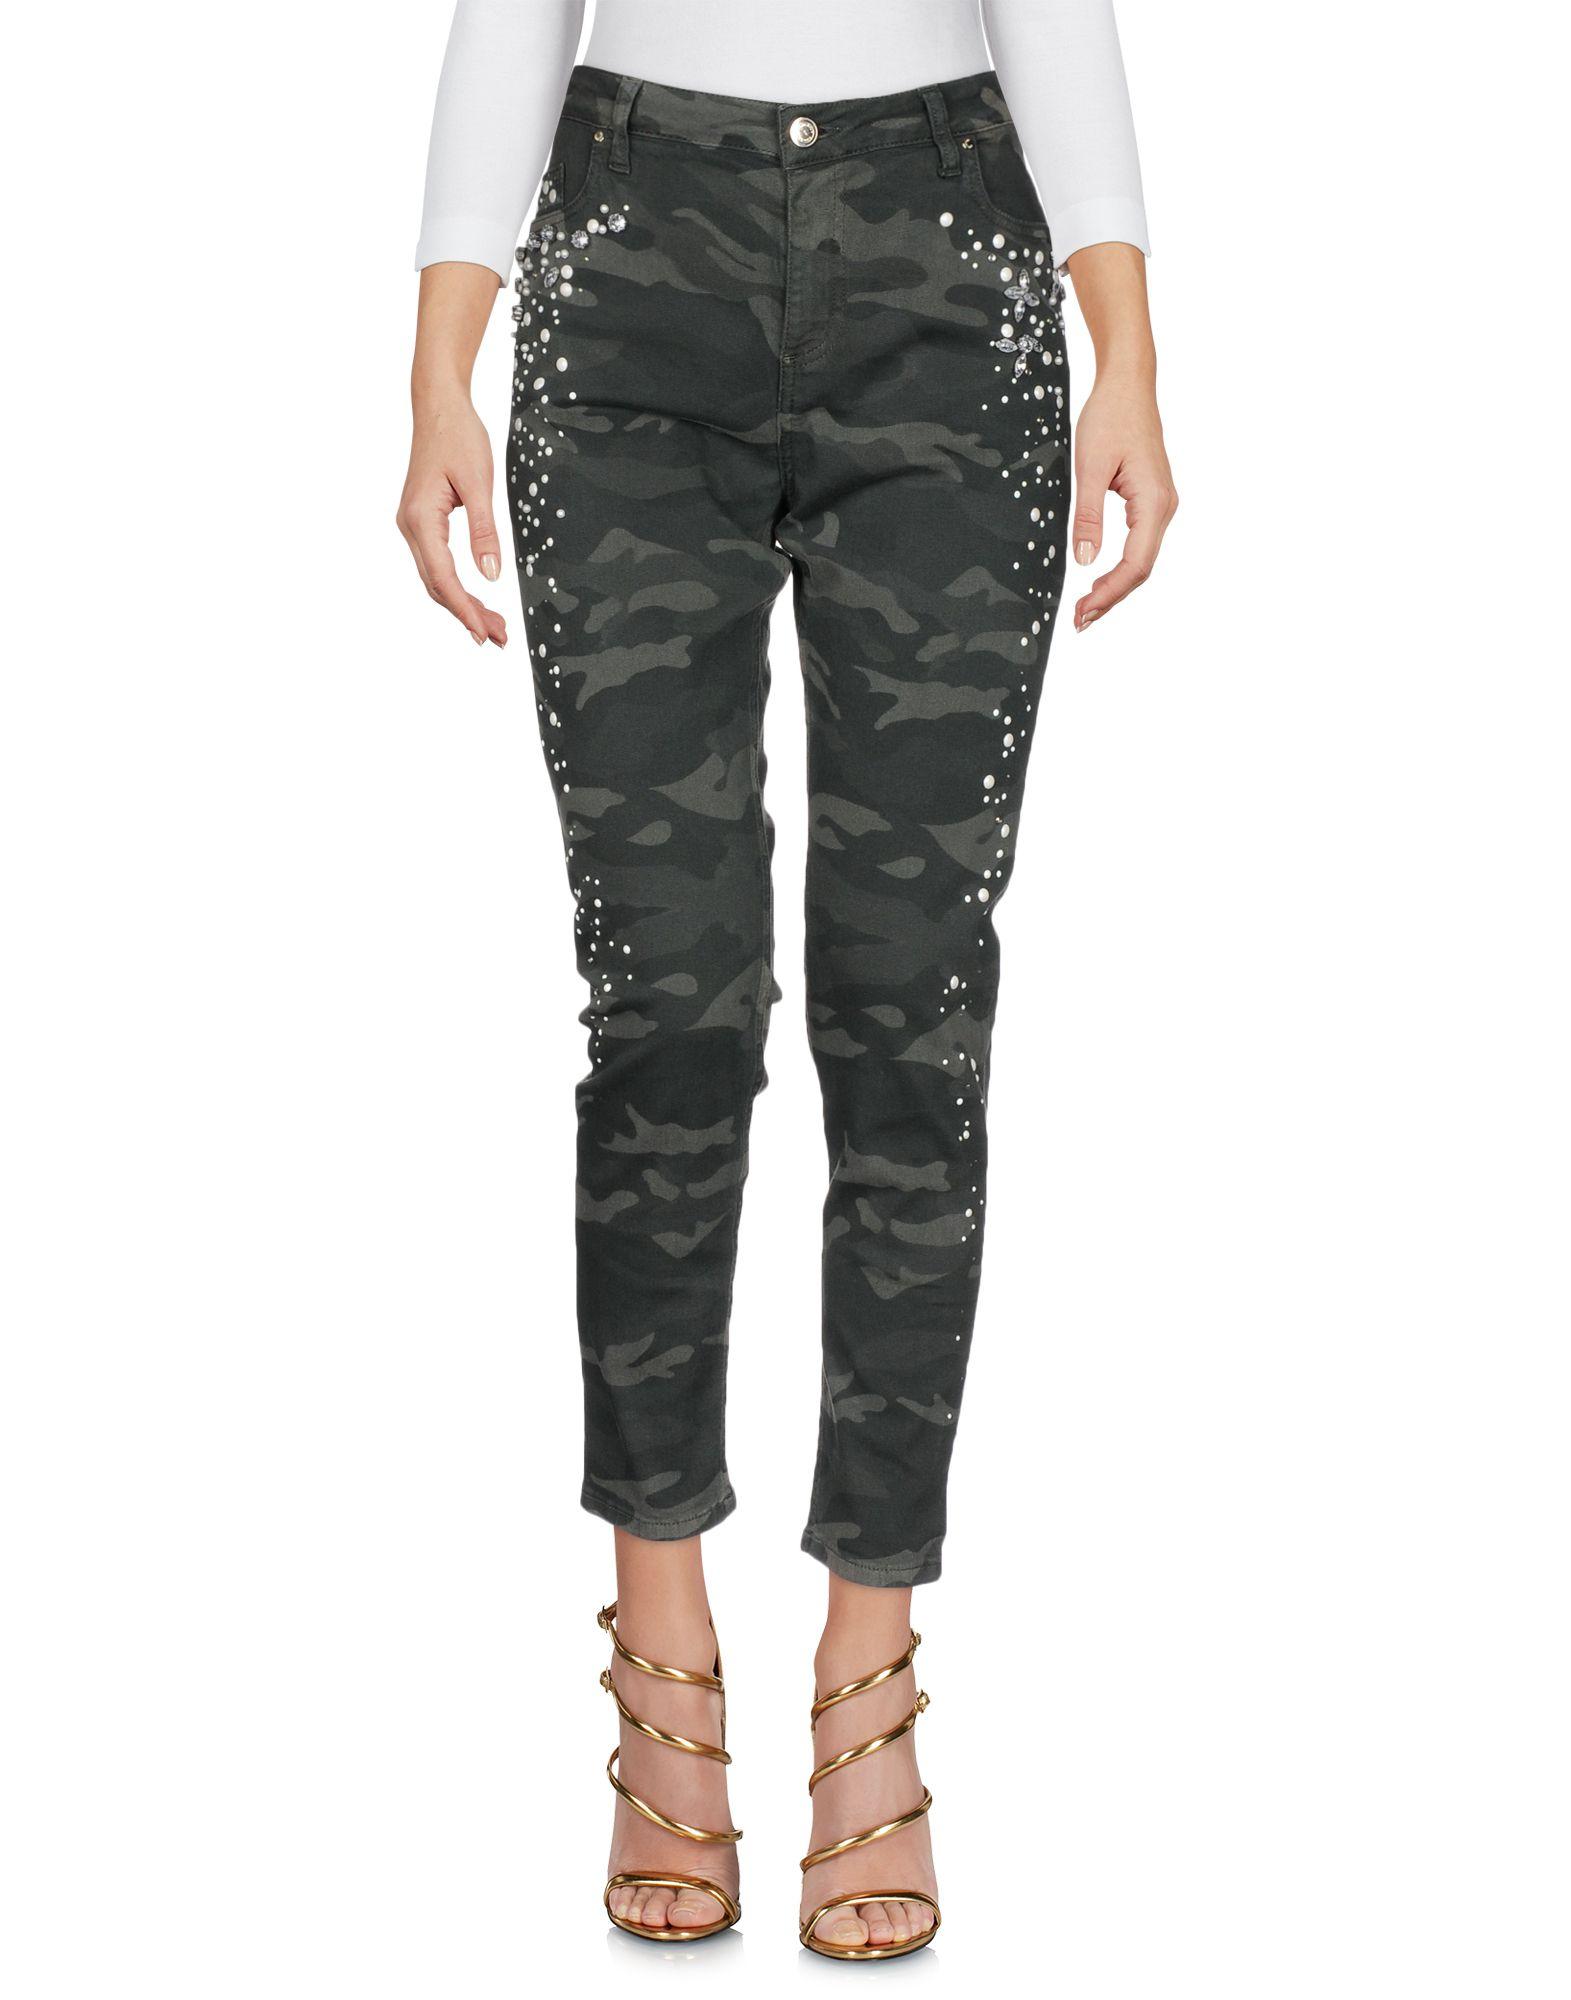 Pantaloni Jeans Annarita N Twenty 4H Donna - Acquista online su FiB94hKIq